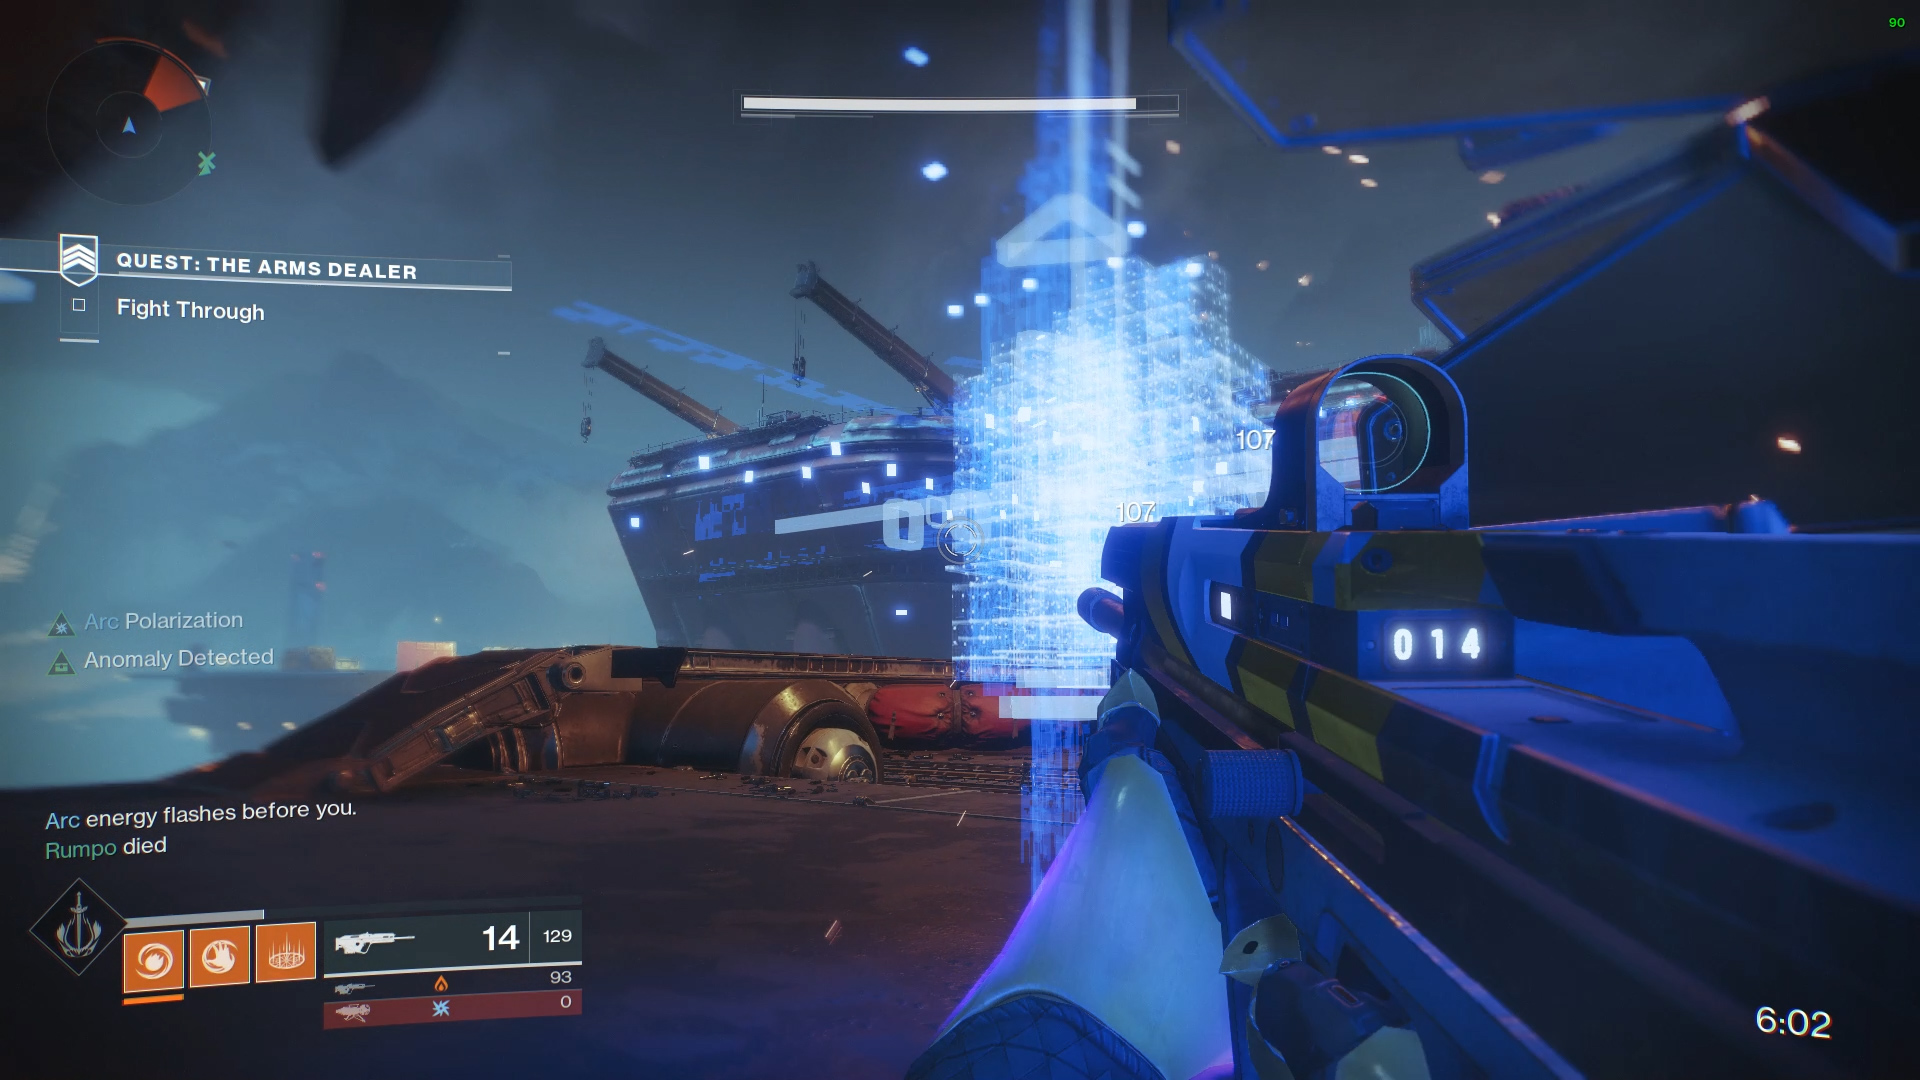 Destiny 2 - Arms Dealer Quest Guide   Shacknews